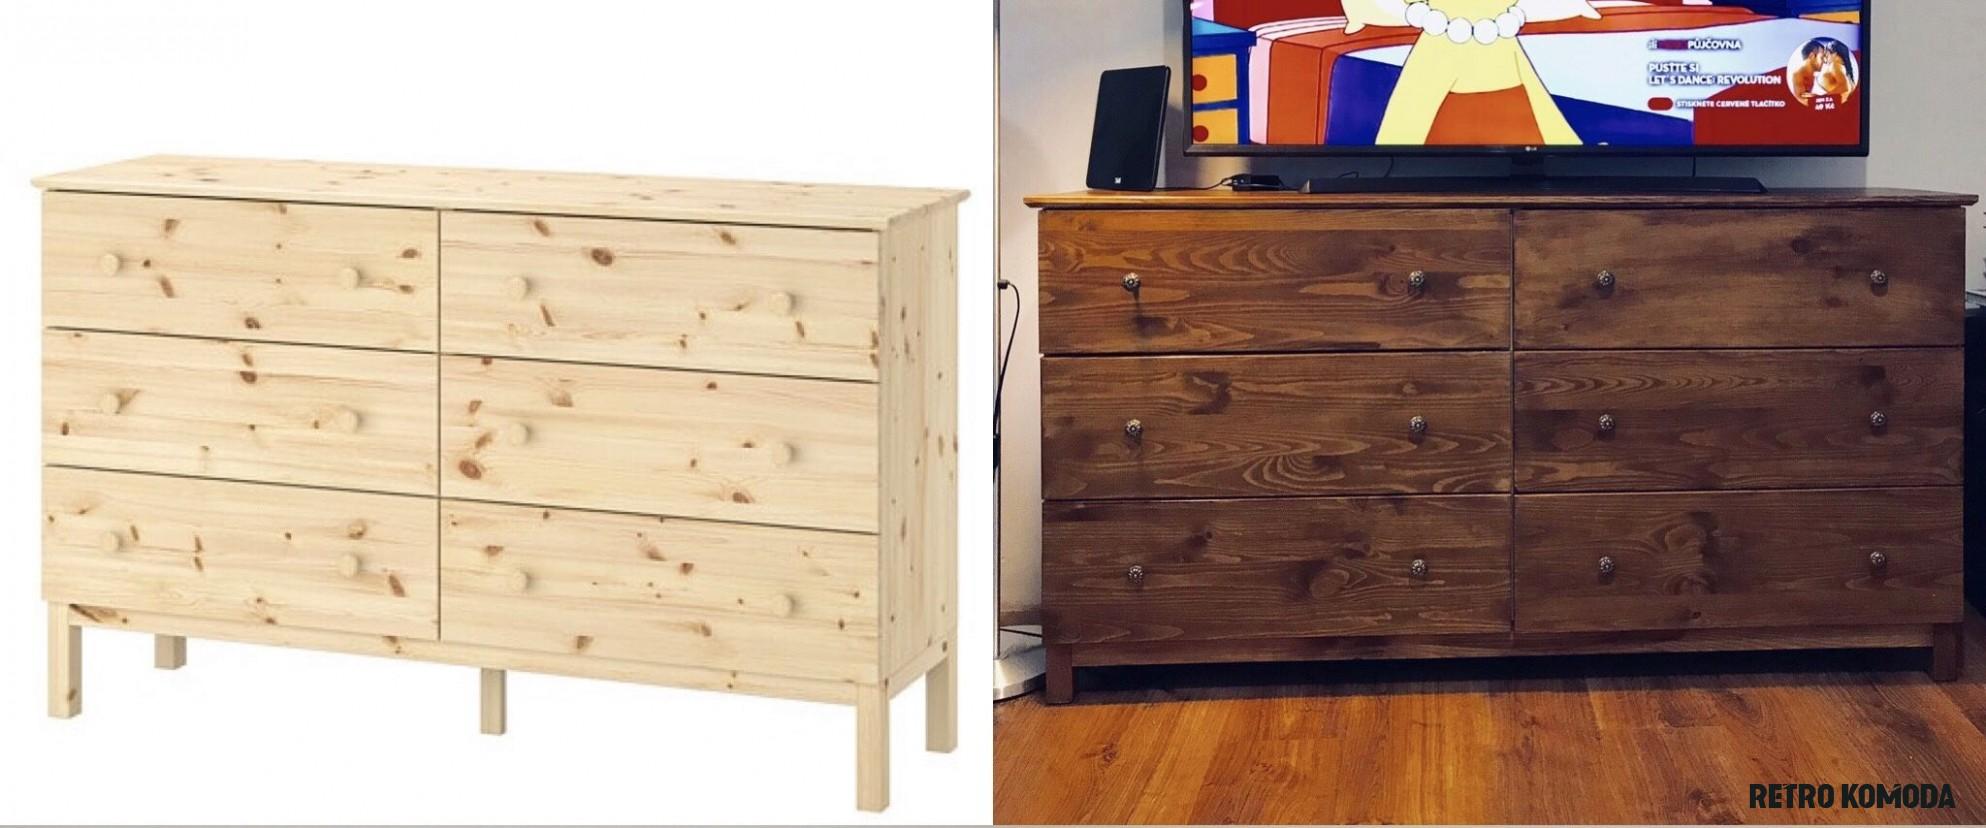 Proměna komoda  Home decor, Ikea, Decor